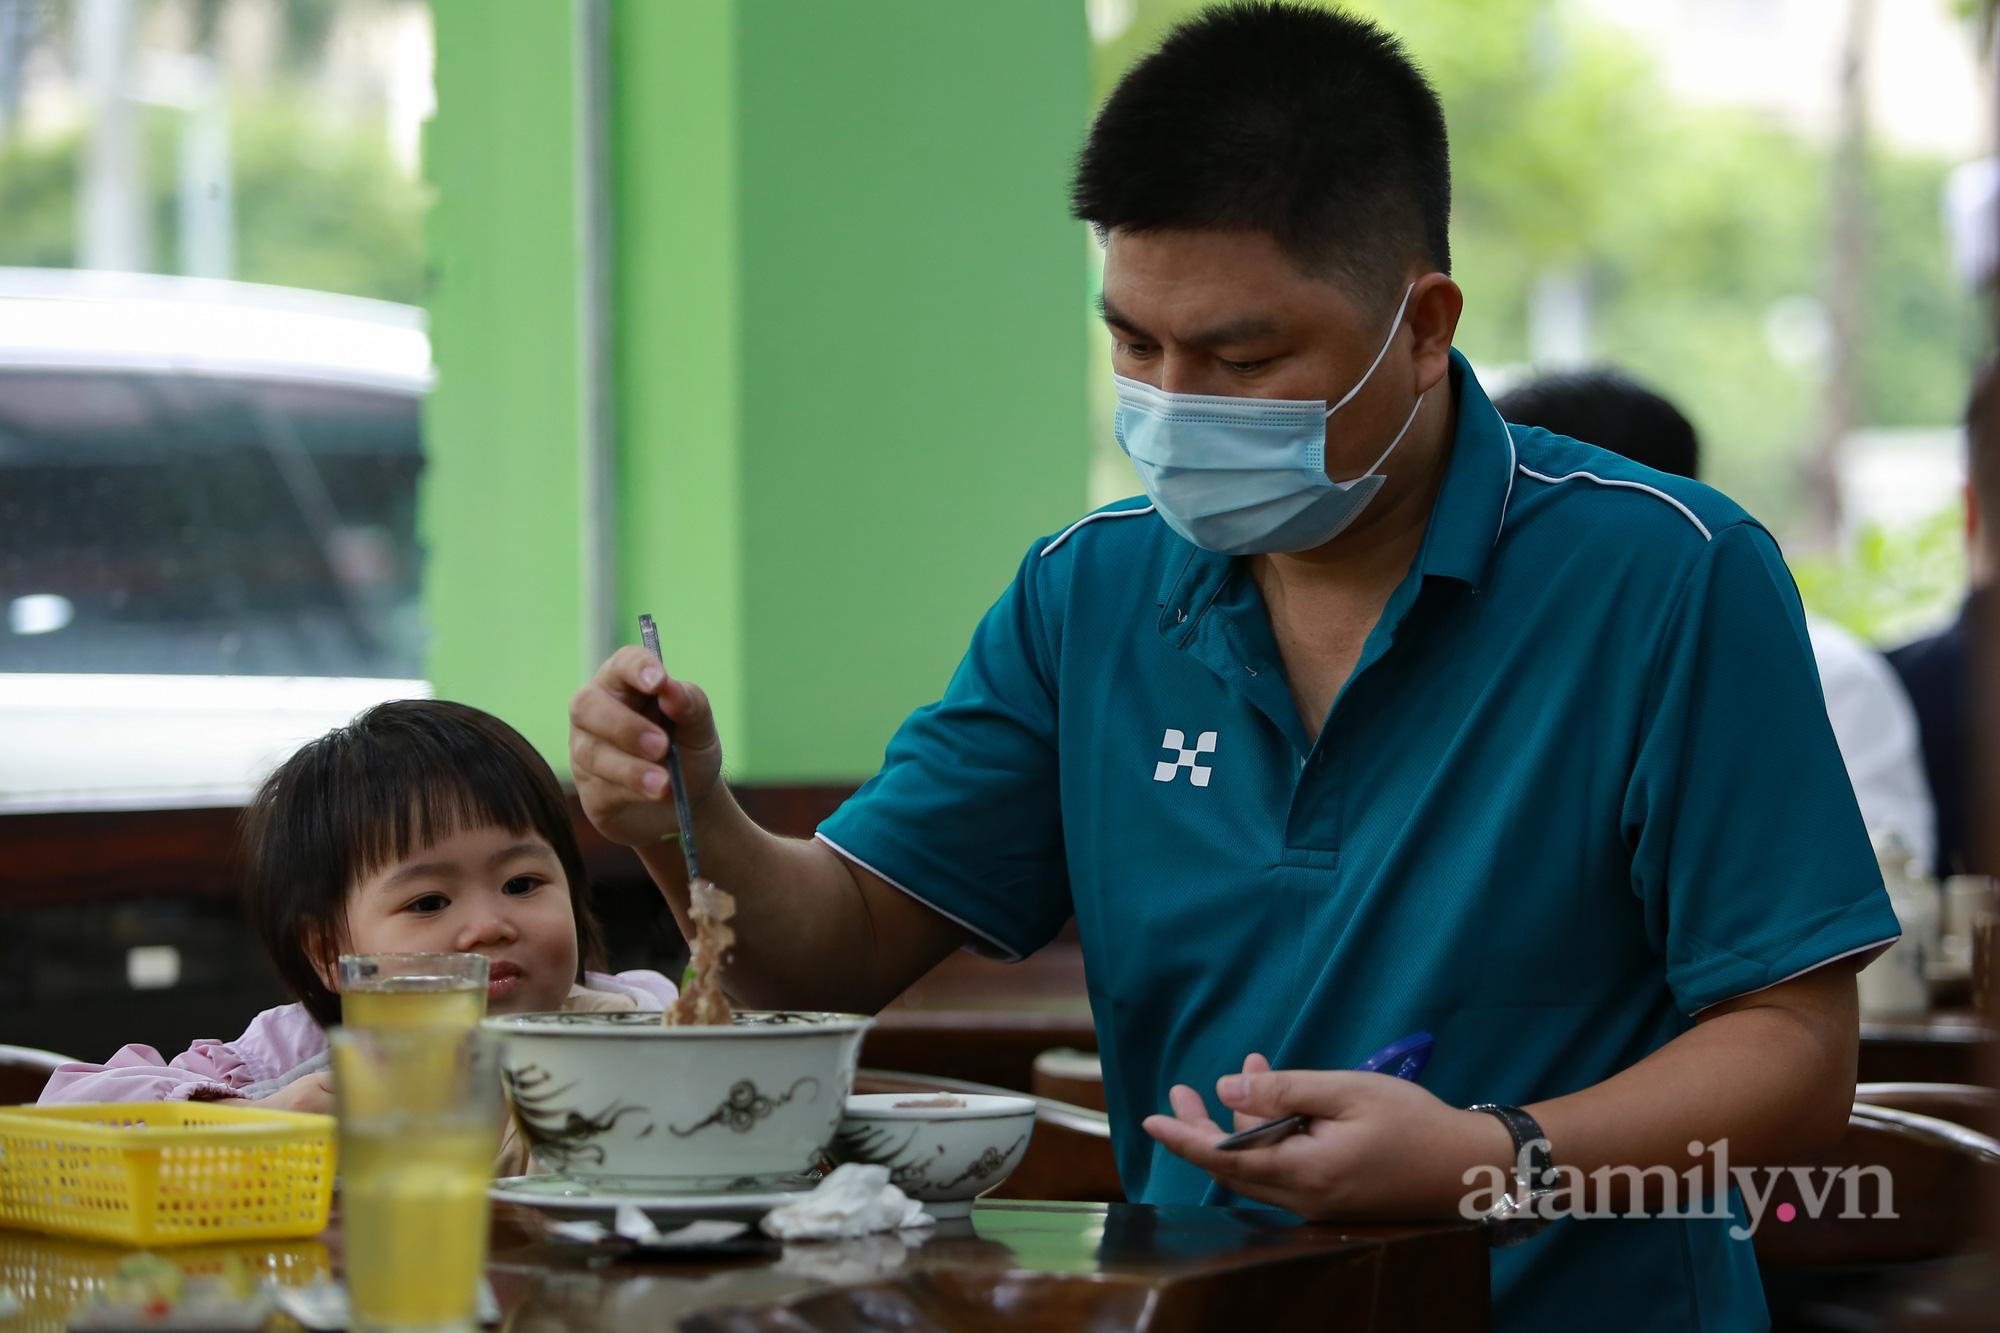 Người Hà Nội hồ hởi dậy sớm đi ăn sáng, cafe khi hàng ăn, uống được mở bán tại chỗ - Ảnh 11.